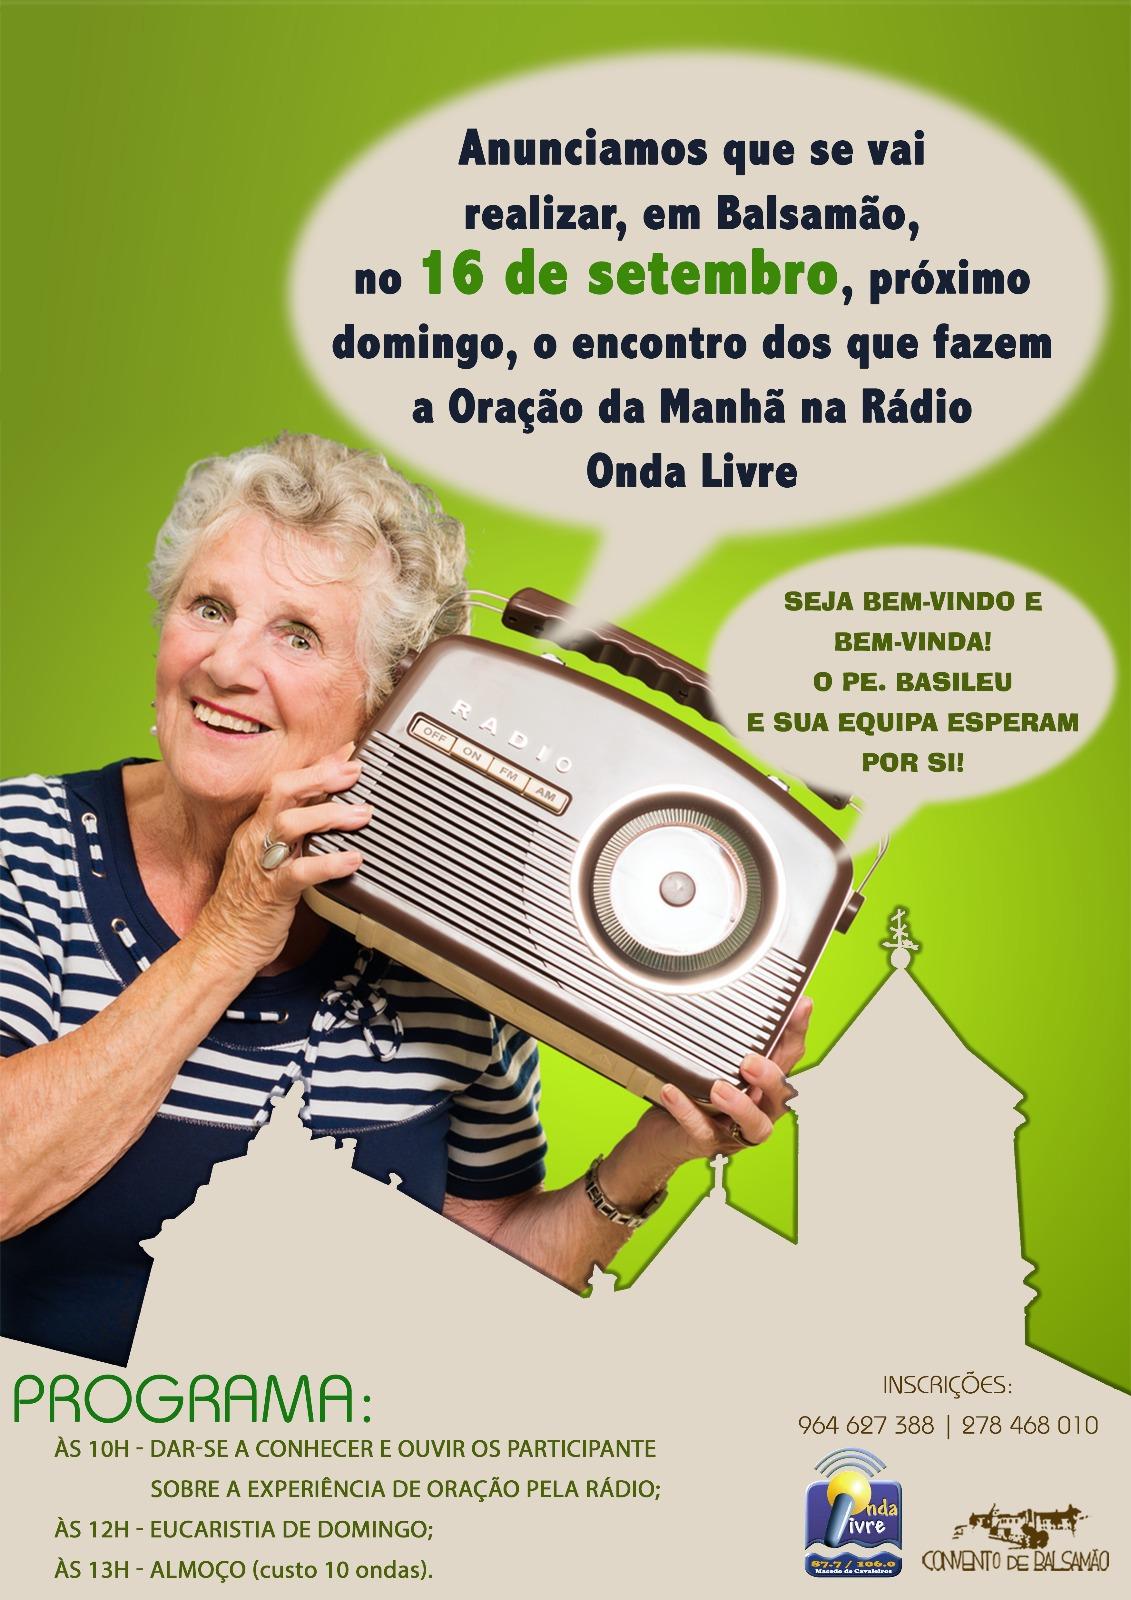 Equipa da Oração da Manhã da Rádio Onda Livre promove encontro entre ouvintes este domingo